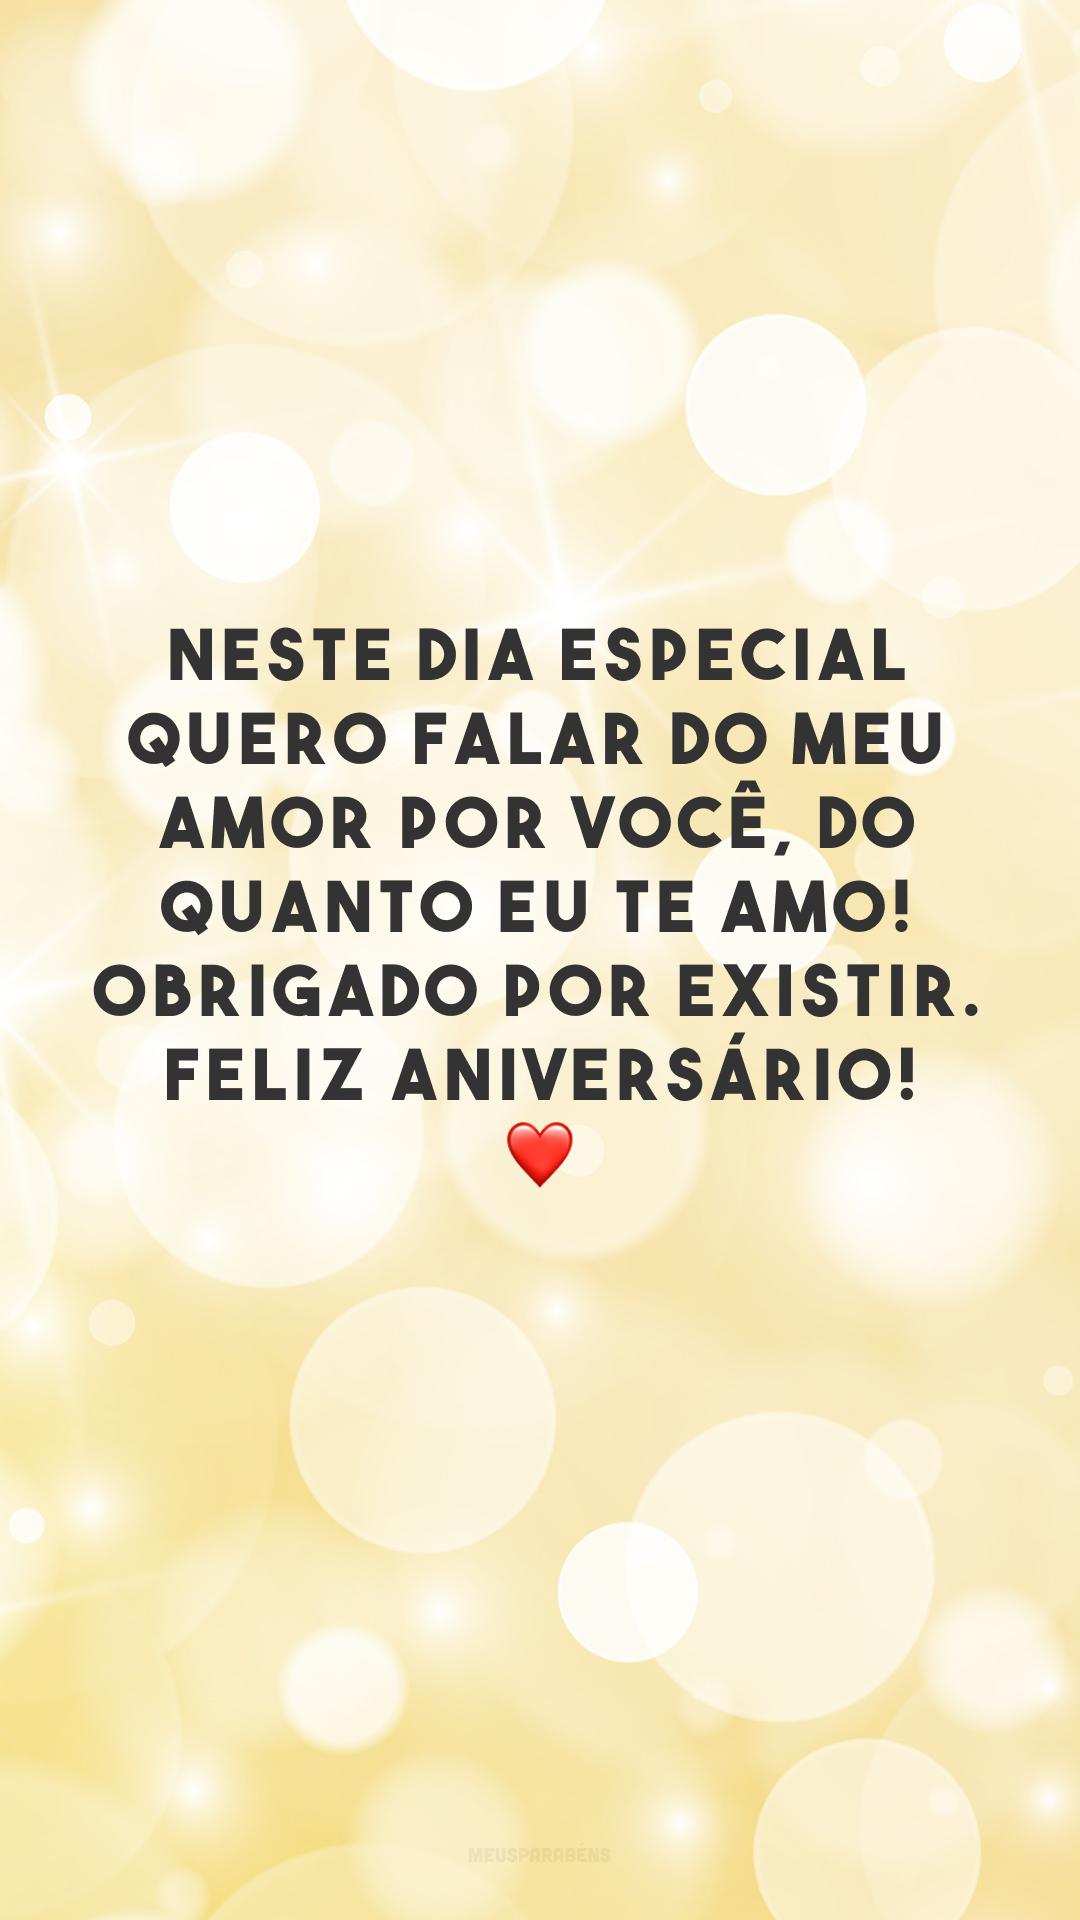 Neste dia especial quero falar do meu amor por você, do quanto eu te amo! Obrigado por existir. Feliz aniversário! ❤